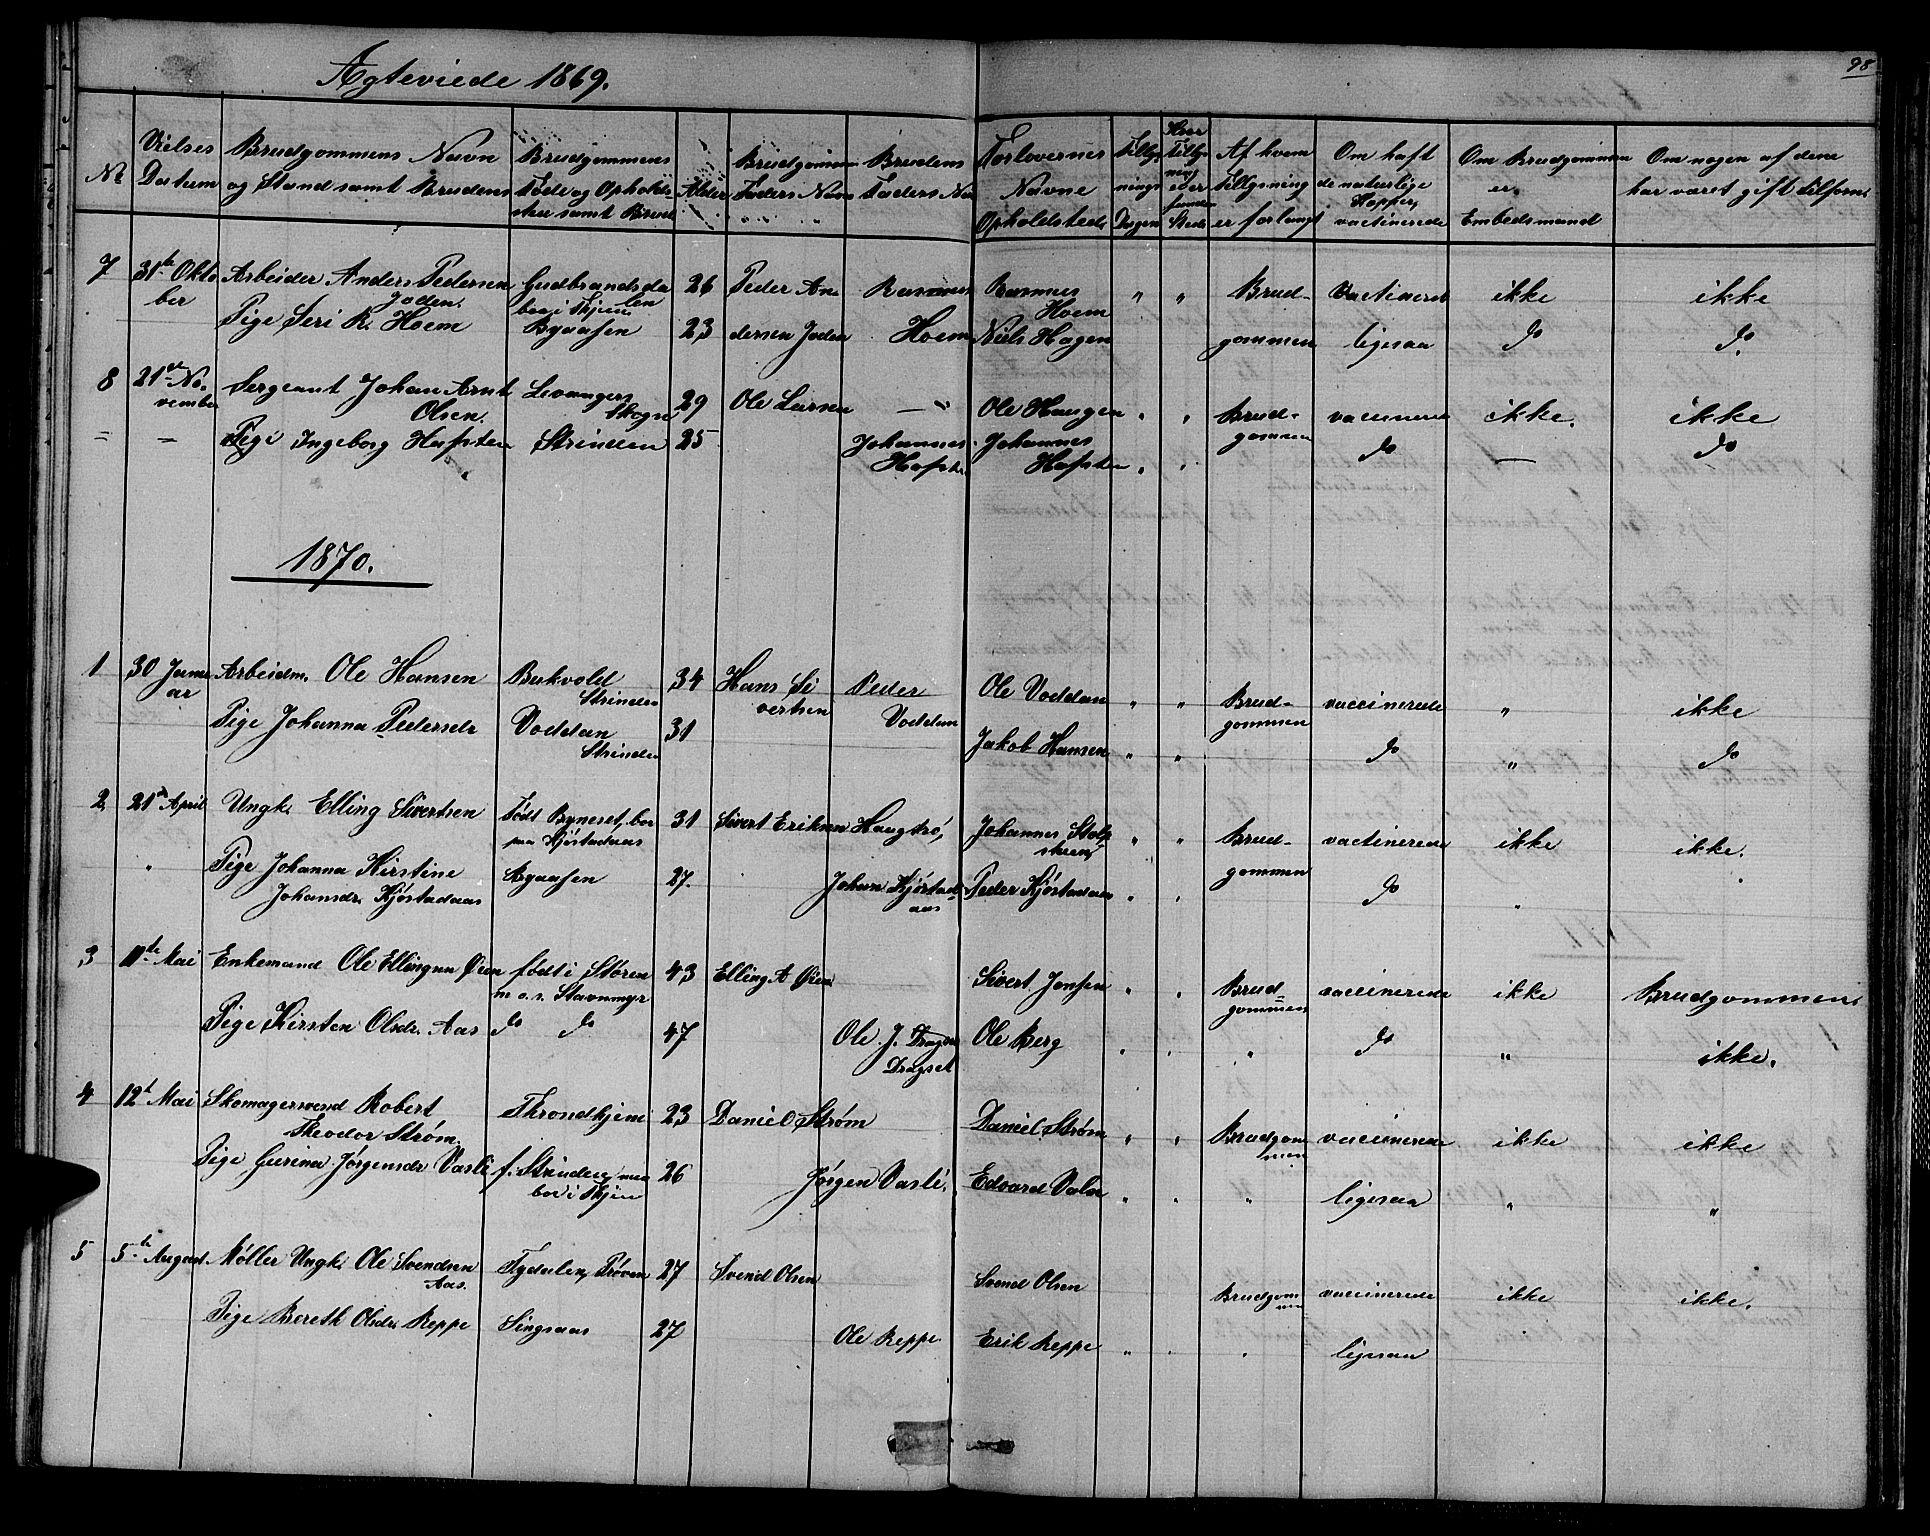 SAT, Ministerialprotokoller, klokkerbøker og fødselsregistre - Sør-Trøndelag, 611/L0353: Klokkerbok nr. 611C01, 1854-1881, s. 98